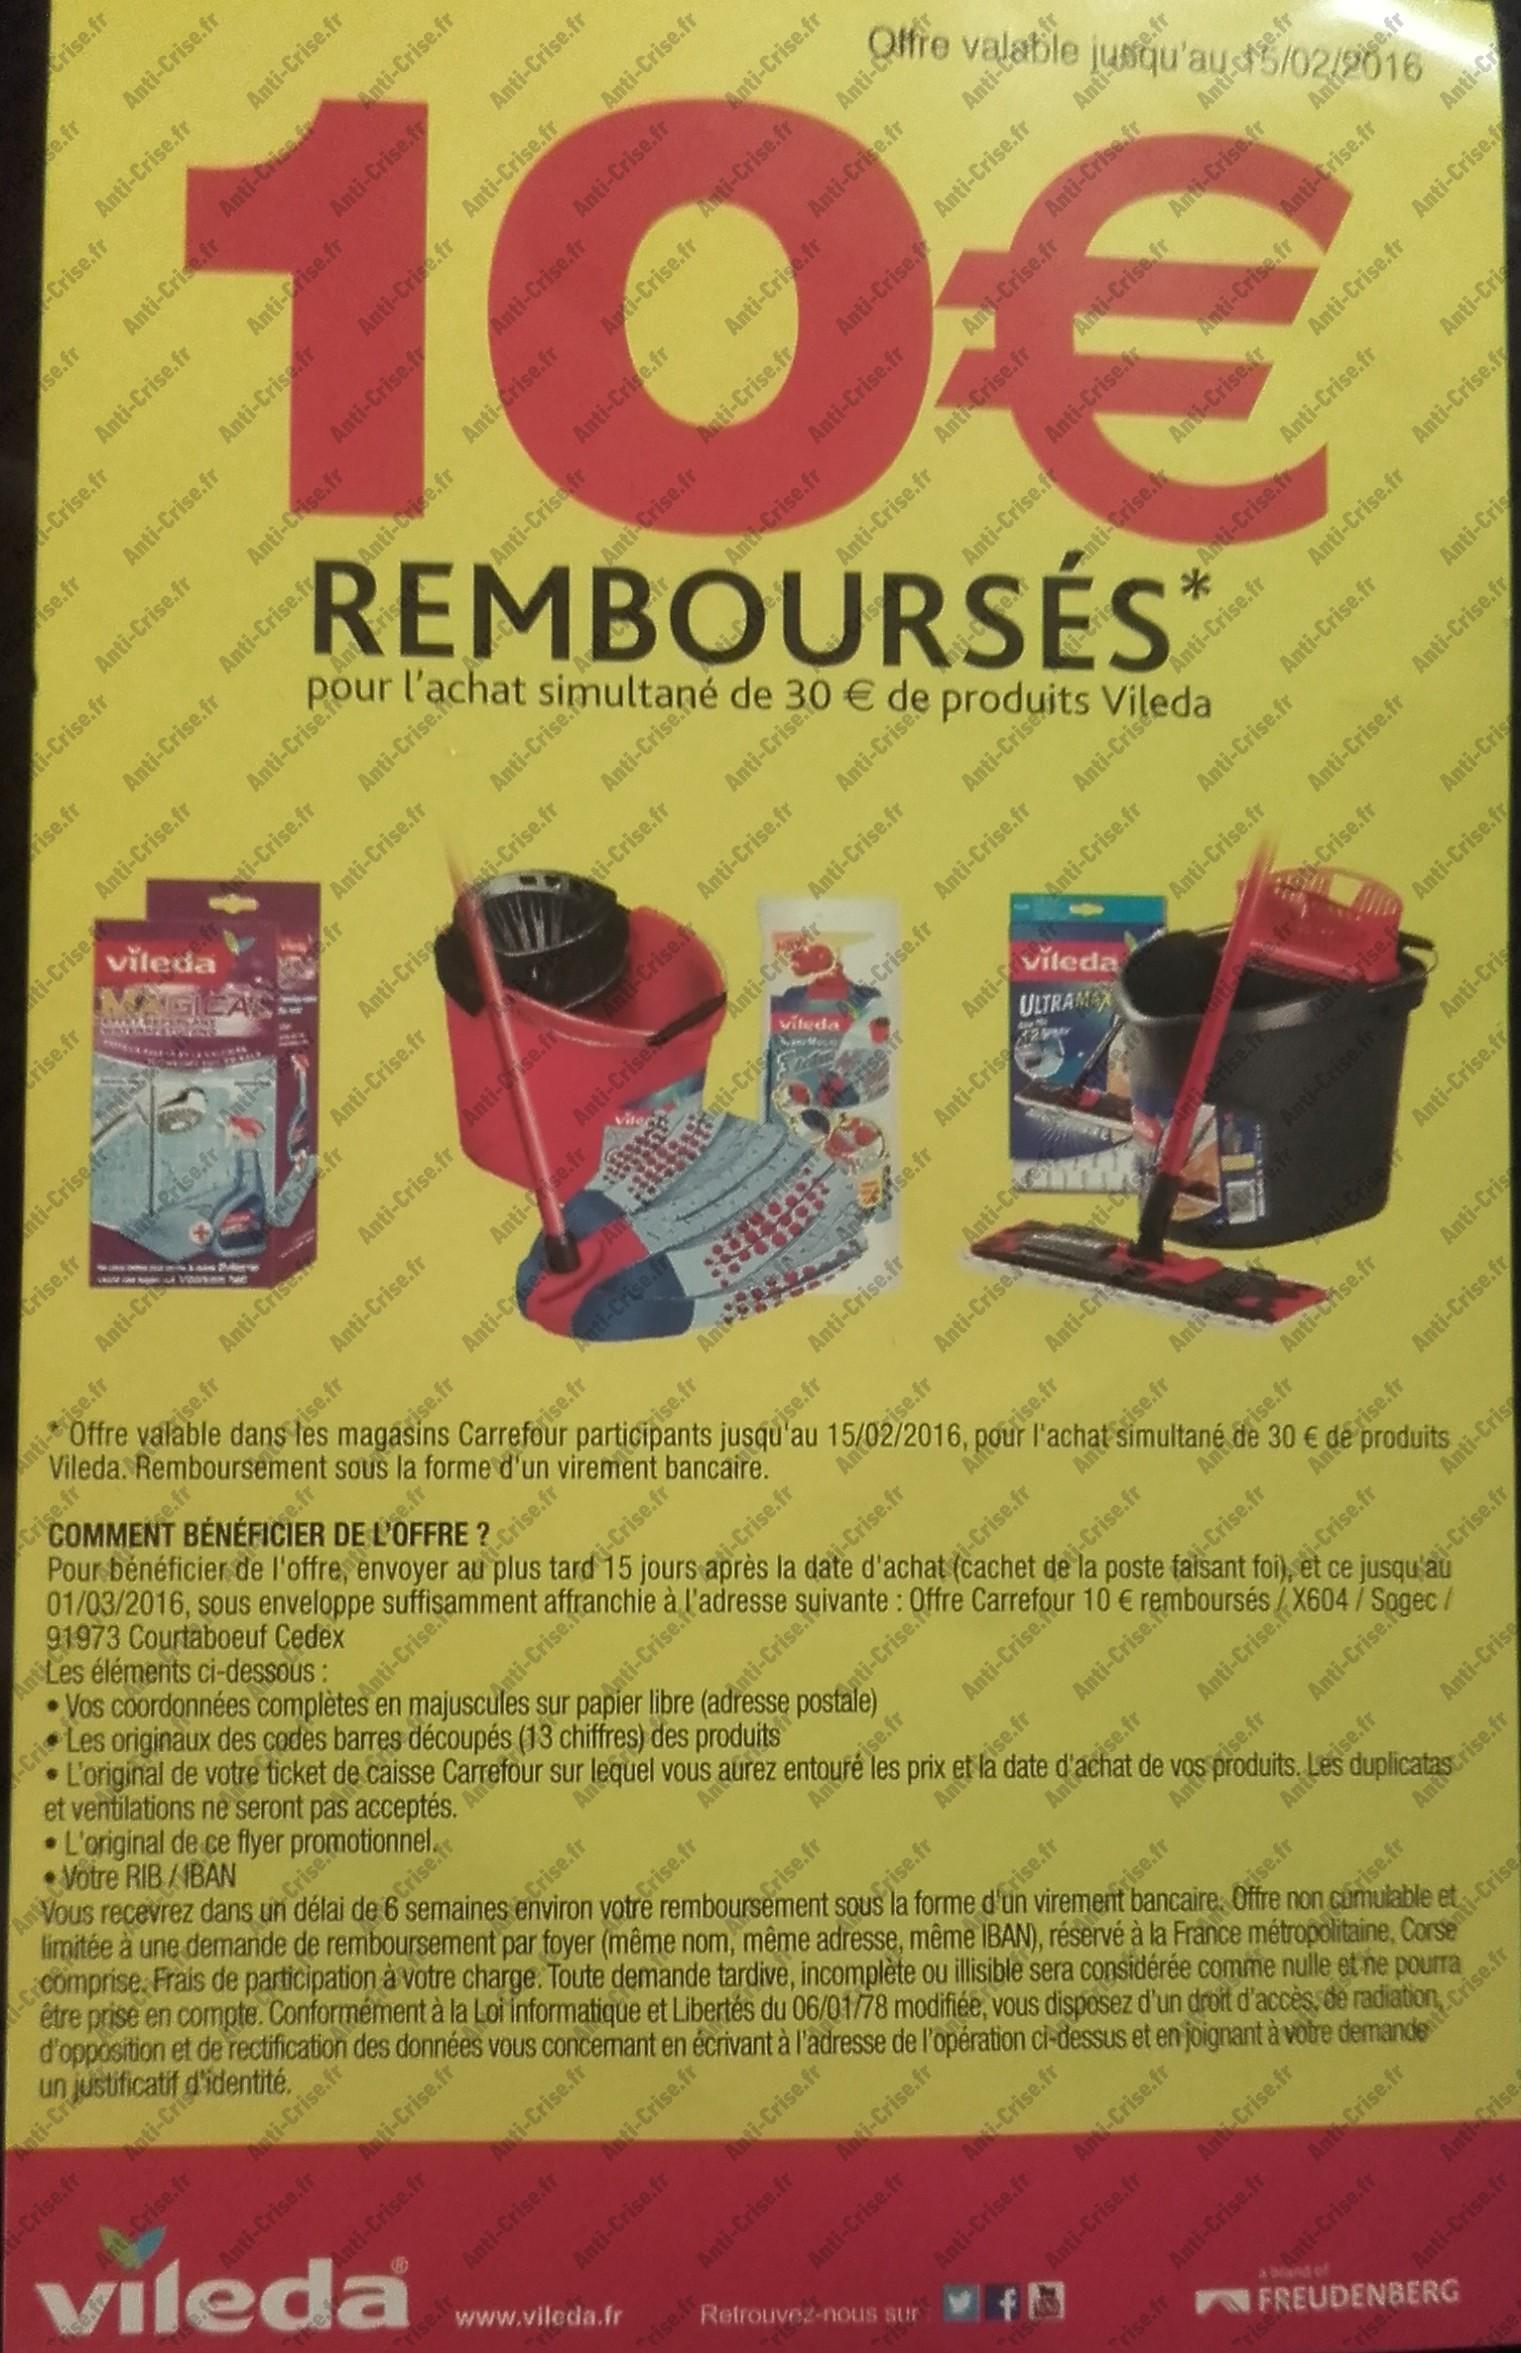 offre de remboursement vileda 10 rembours s catalogues promos bons plans economisez. Black Bedroom Furniture Sets. Home Design Ideas